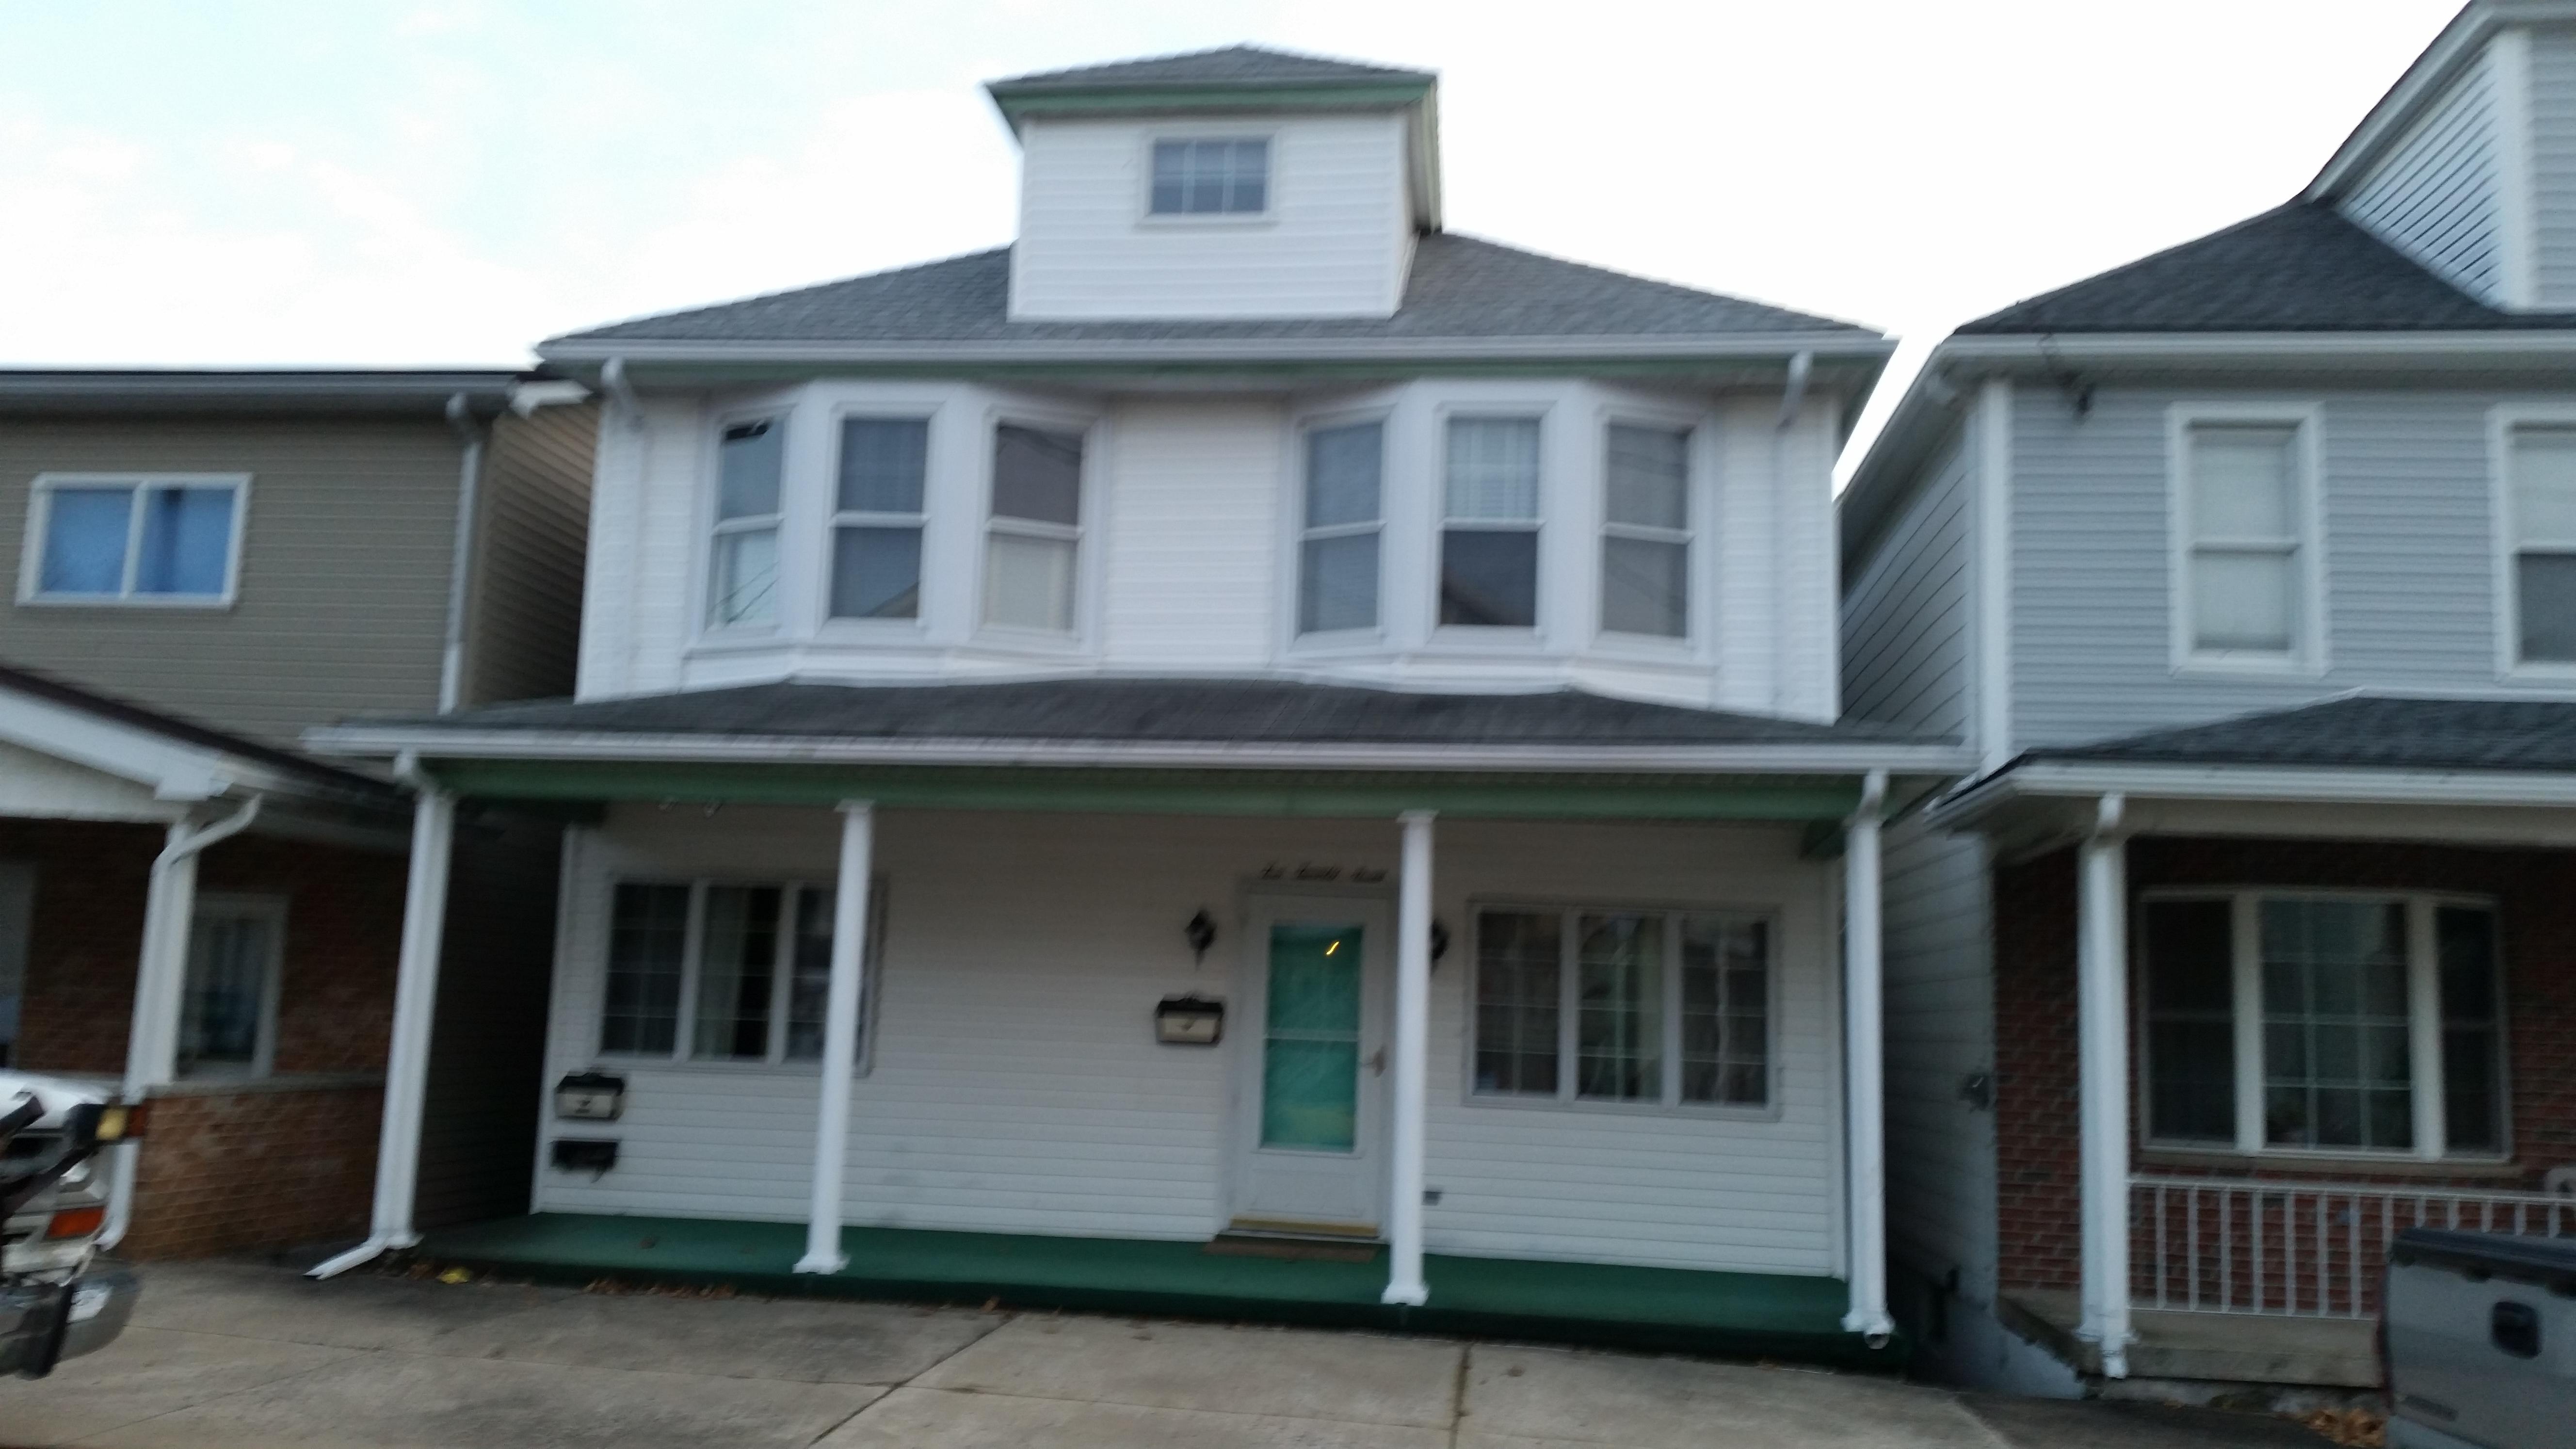 1023-21 Spruce St., Kulpmont, Pennsylvania 17834